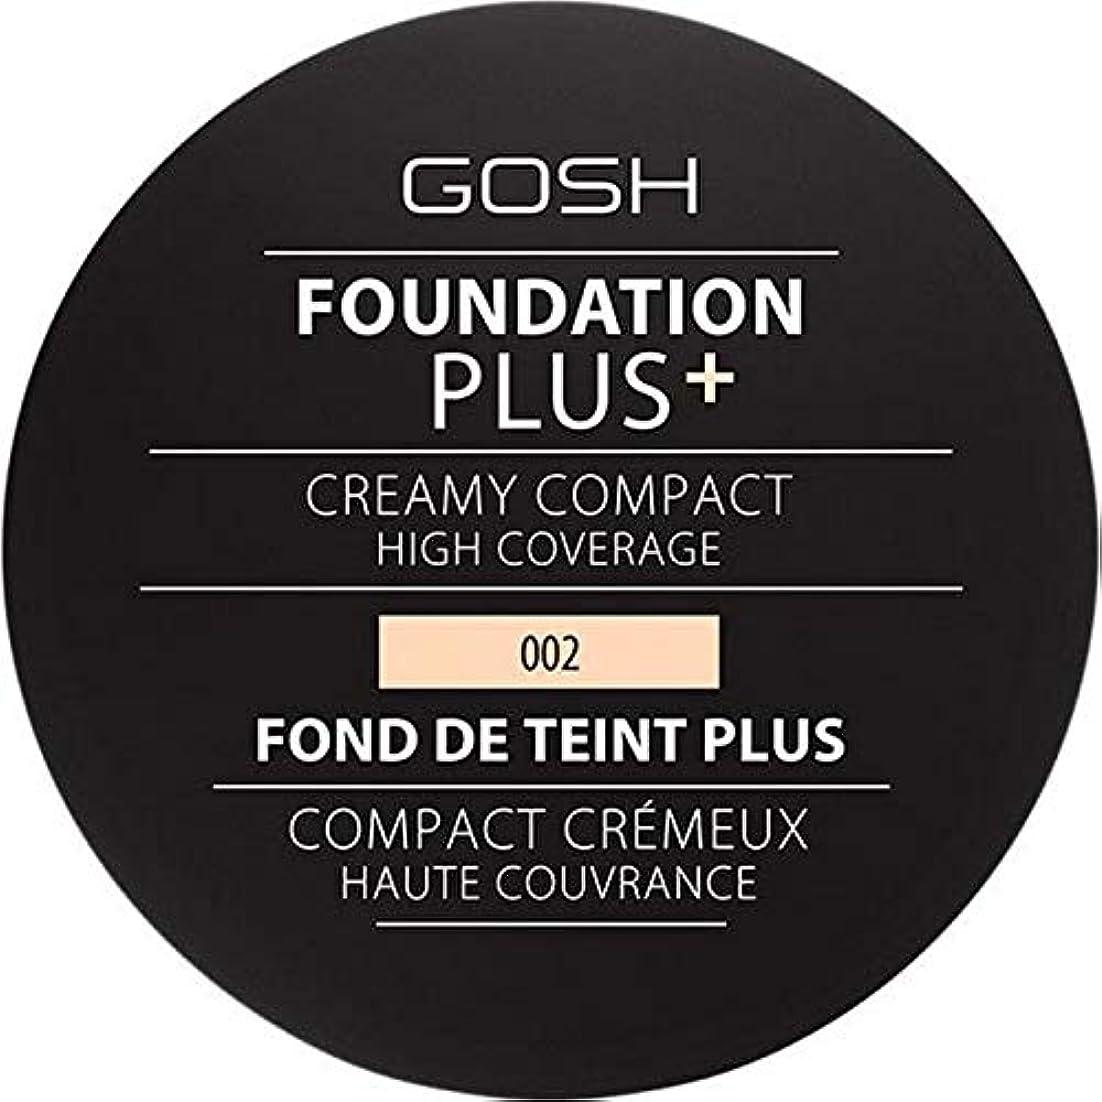 スタイルシエスタ敗北[GOSH ] 基礎プラス+クリーミーコンパクトアイボリー002 - Foundation Plus+ Creamy Compact Ivory 002 [並行輸入品]